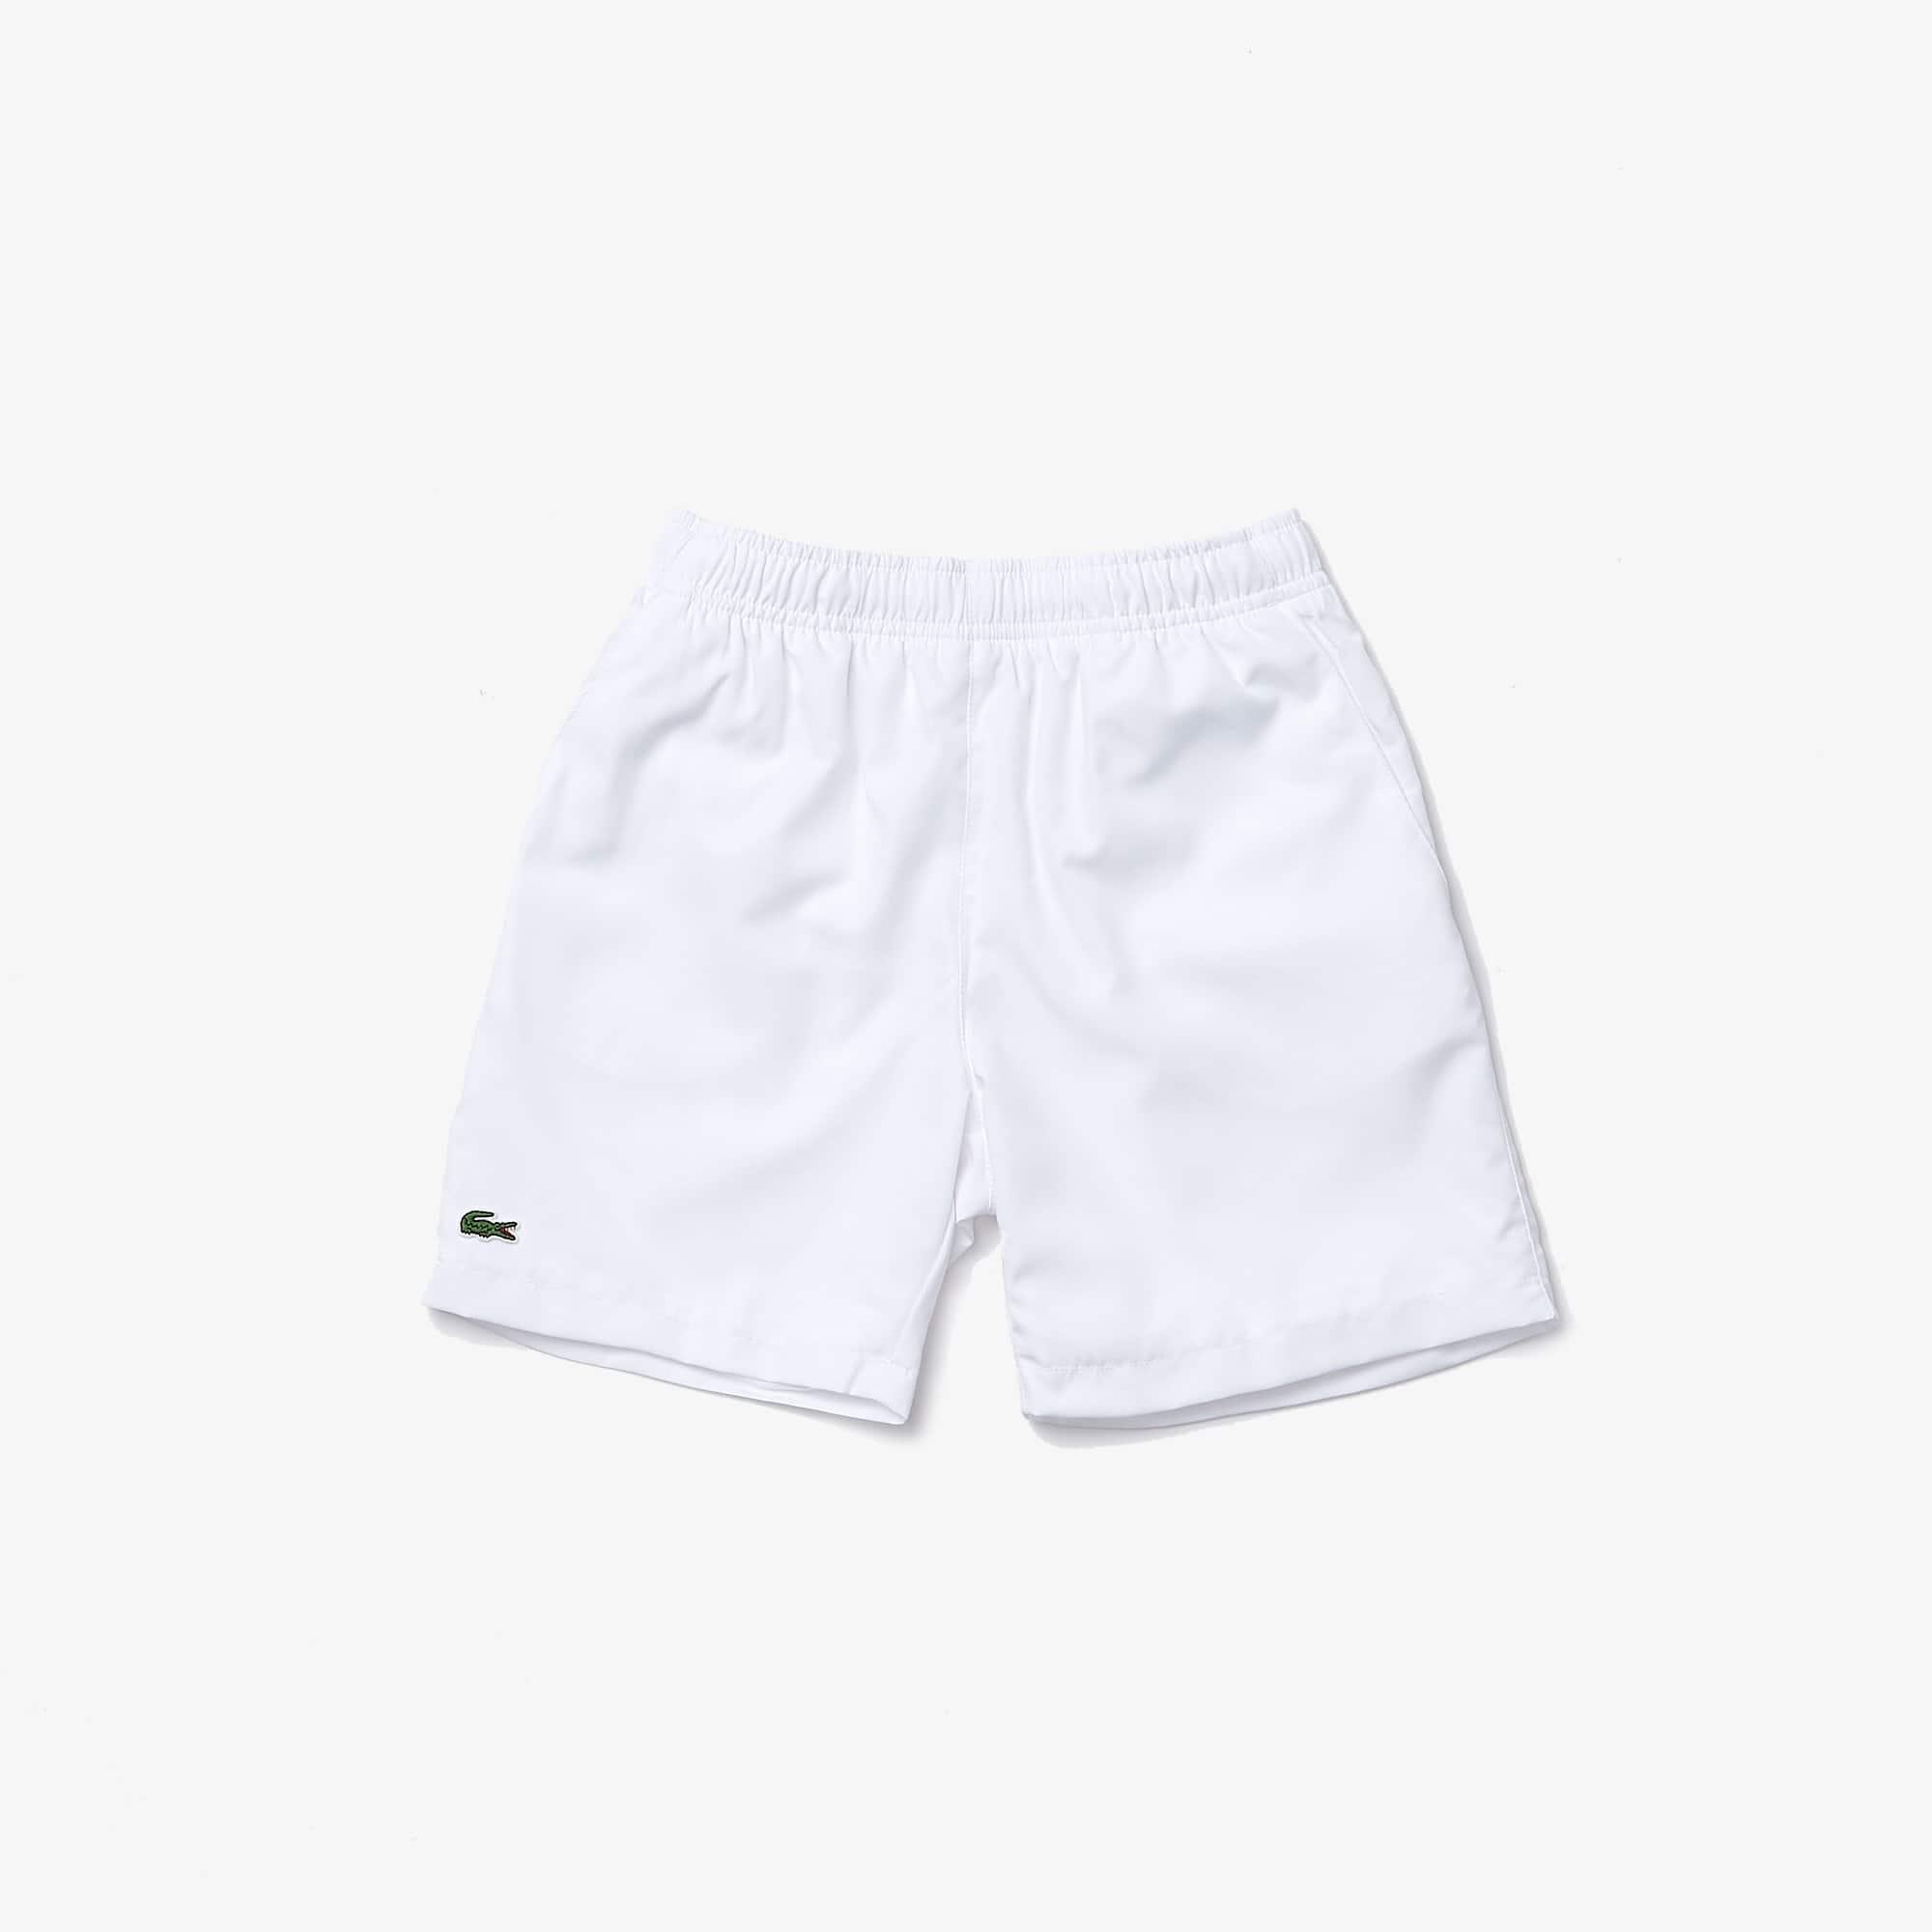 Jungen-Shorts LACOSTE SPORT TENNIS